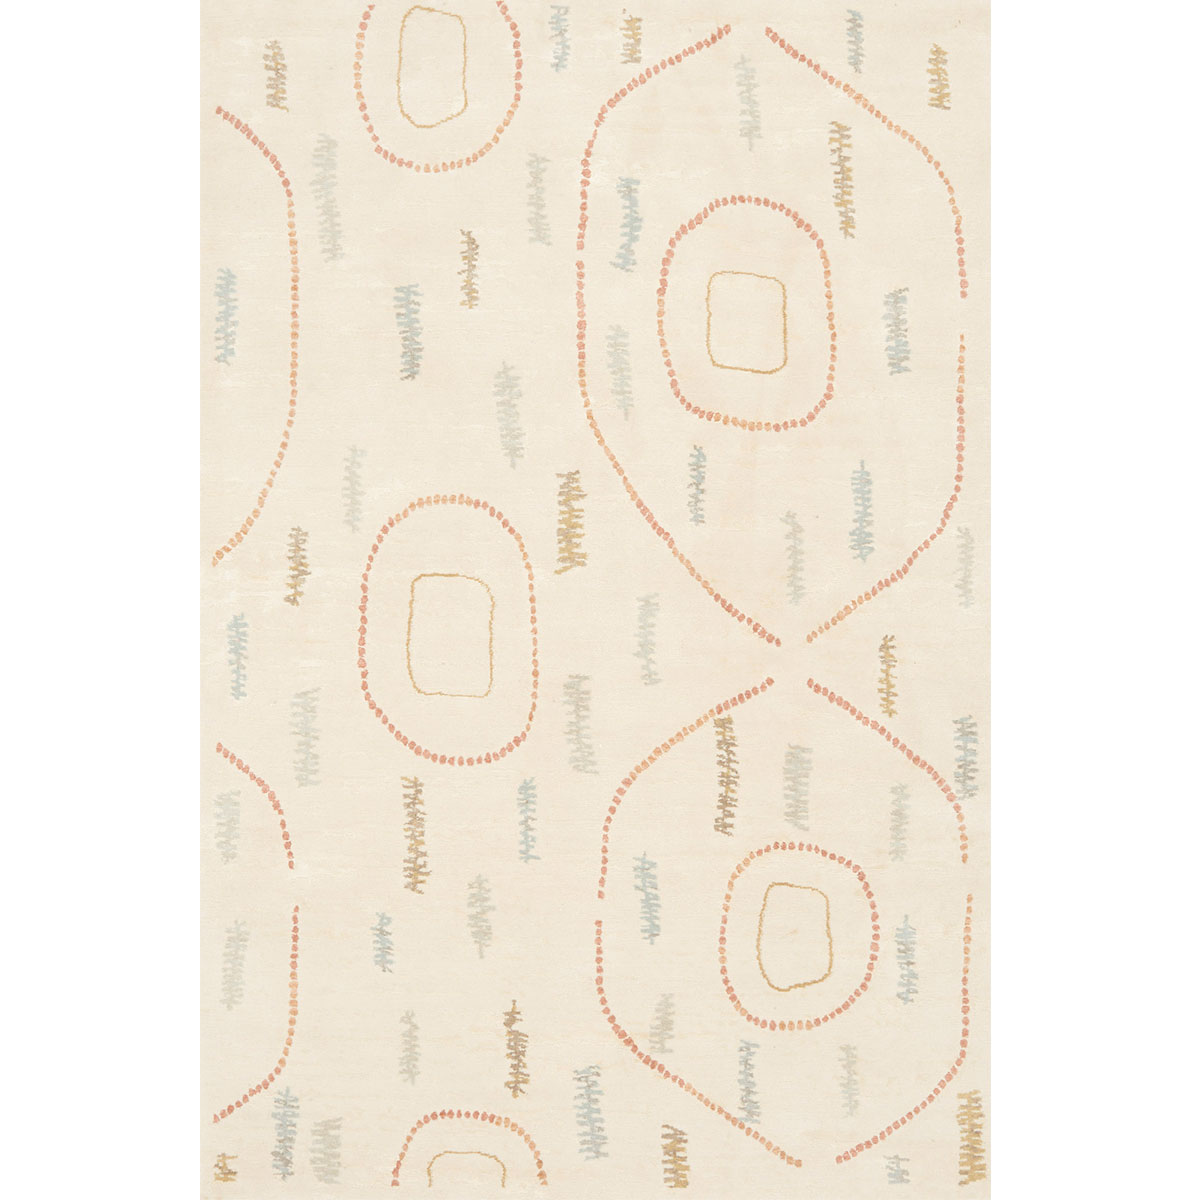 battuta_wool-bamboo-silk_hand-knotted_patterson-flynn-martin_pfm